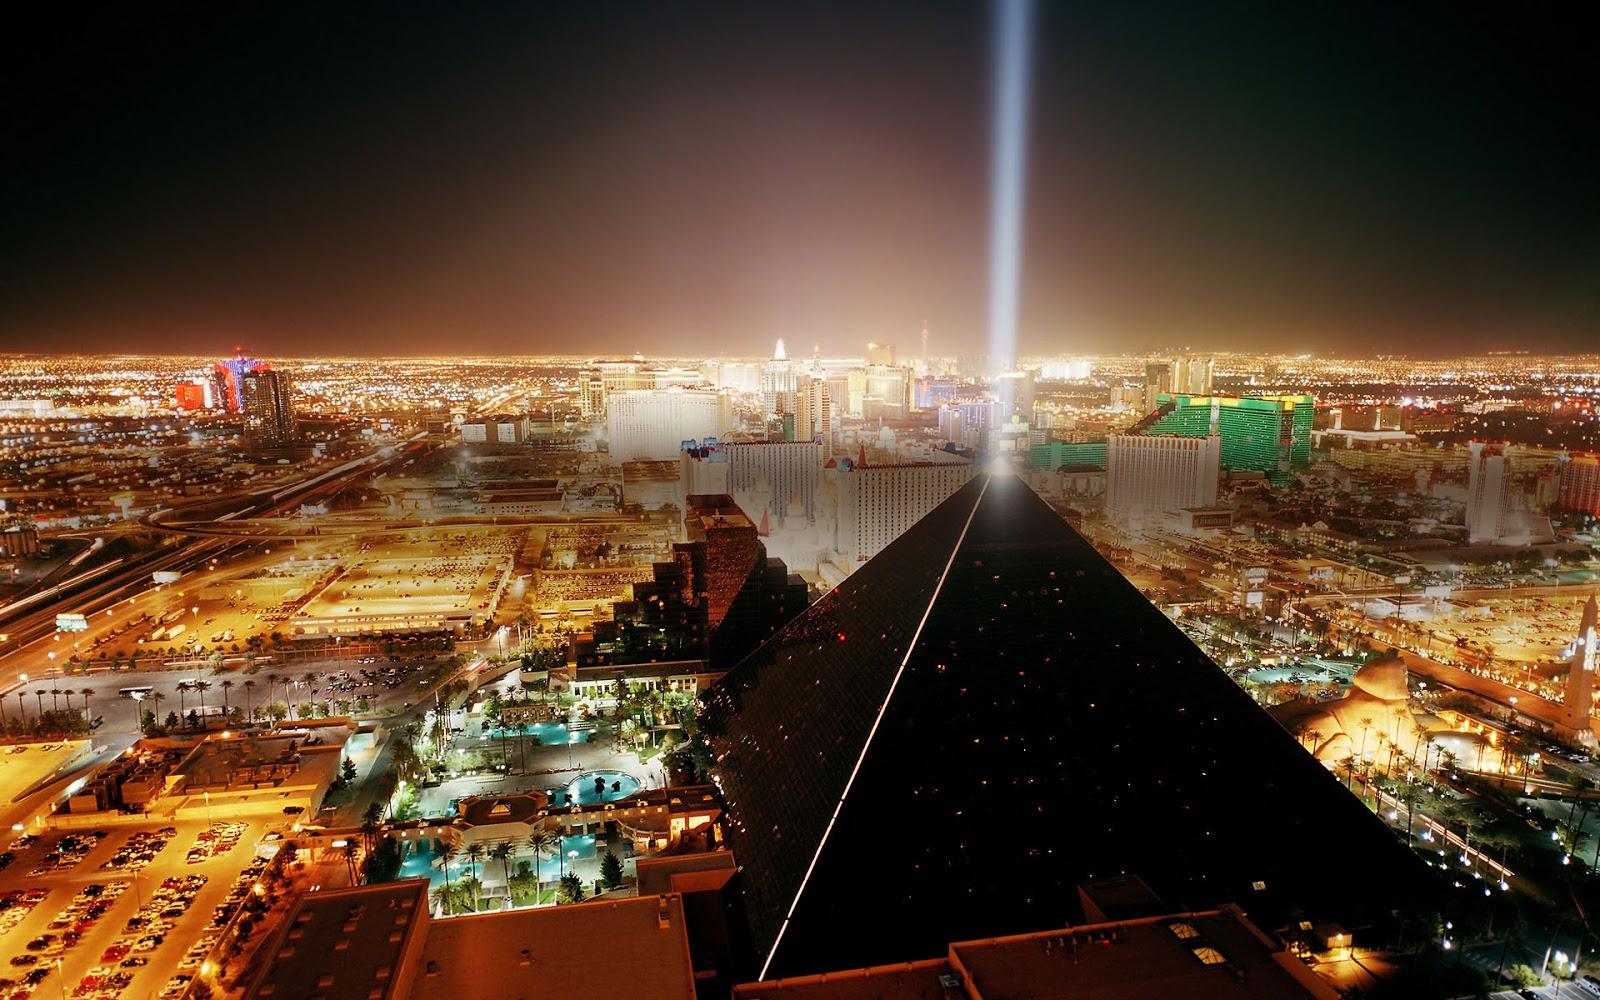 Las Vegas (NV) United States  city photos gallery : La pirámide está coronada por el rayo láser más potente de ...